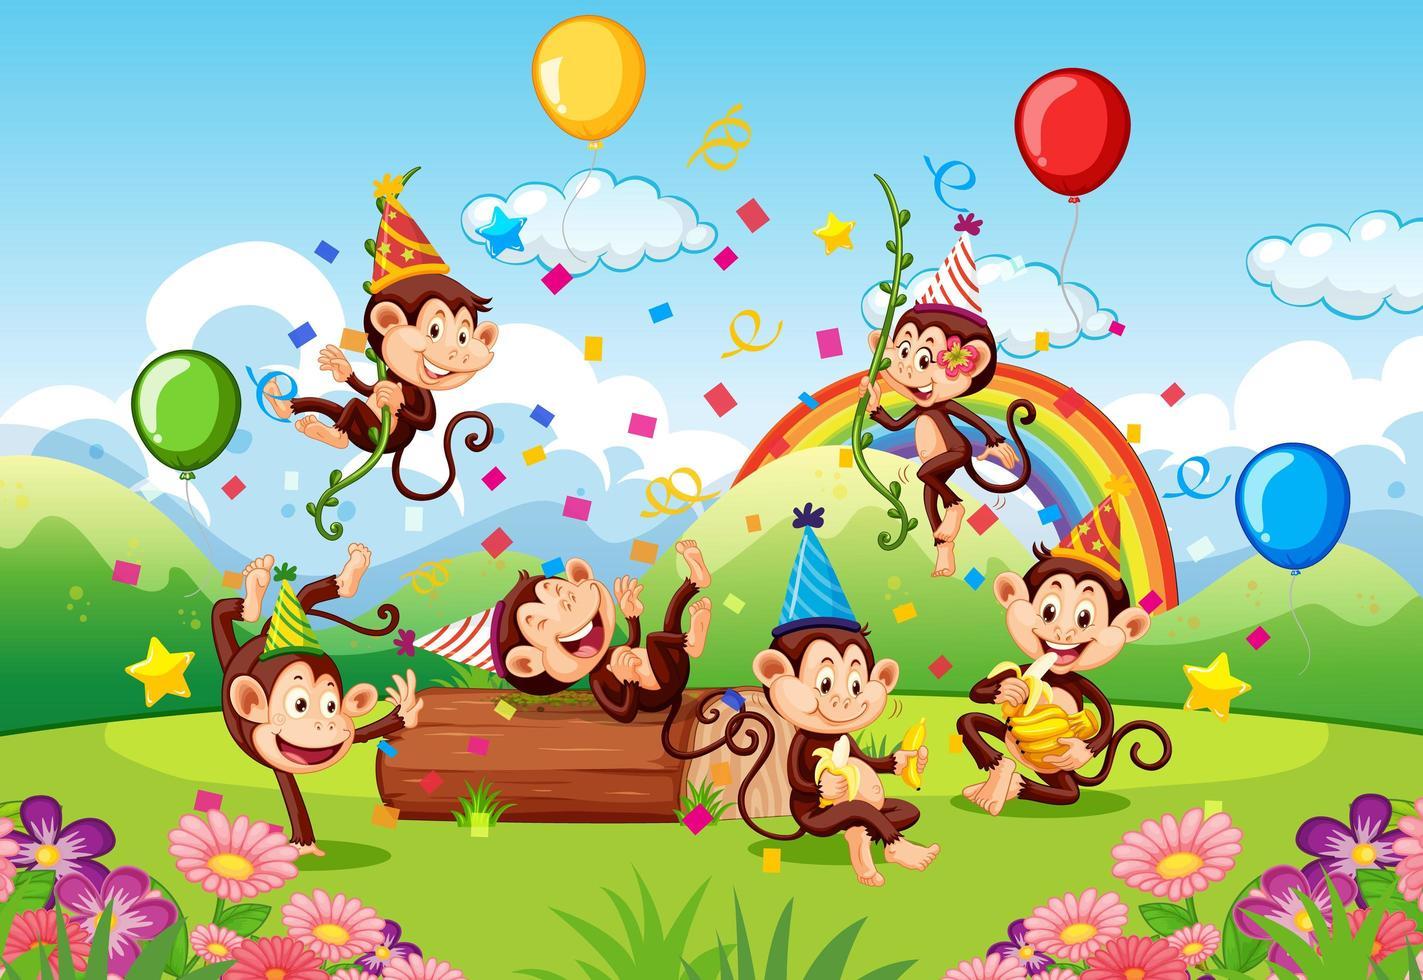 Affen, die eine Geburtstagsfeier im Freien haben vektor